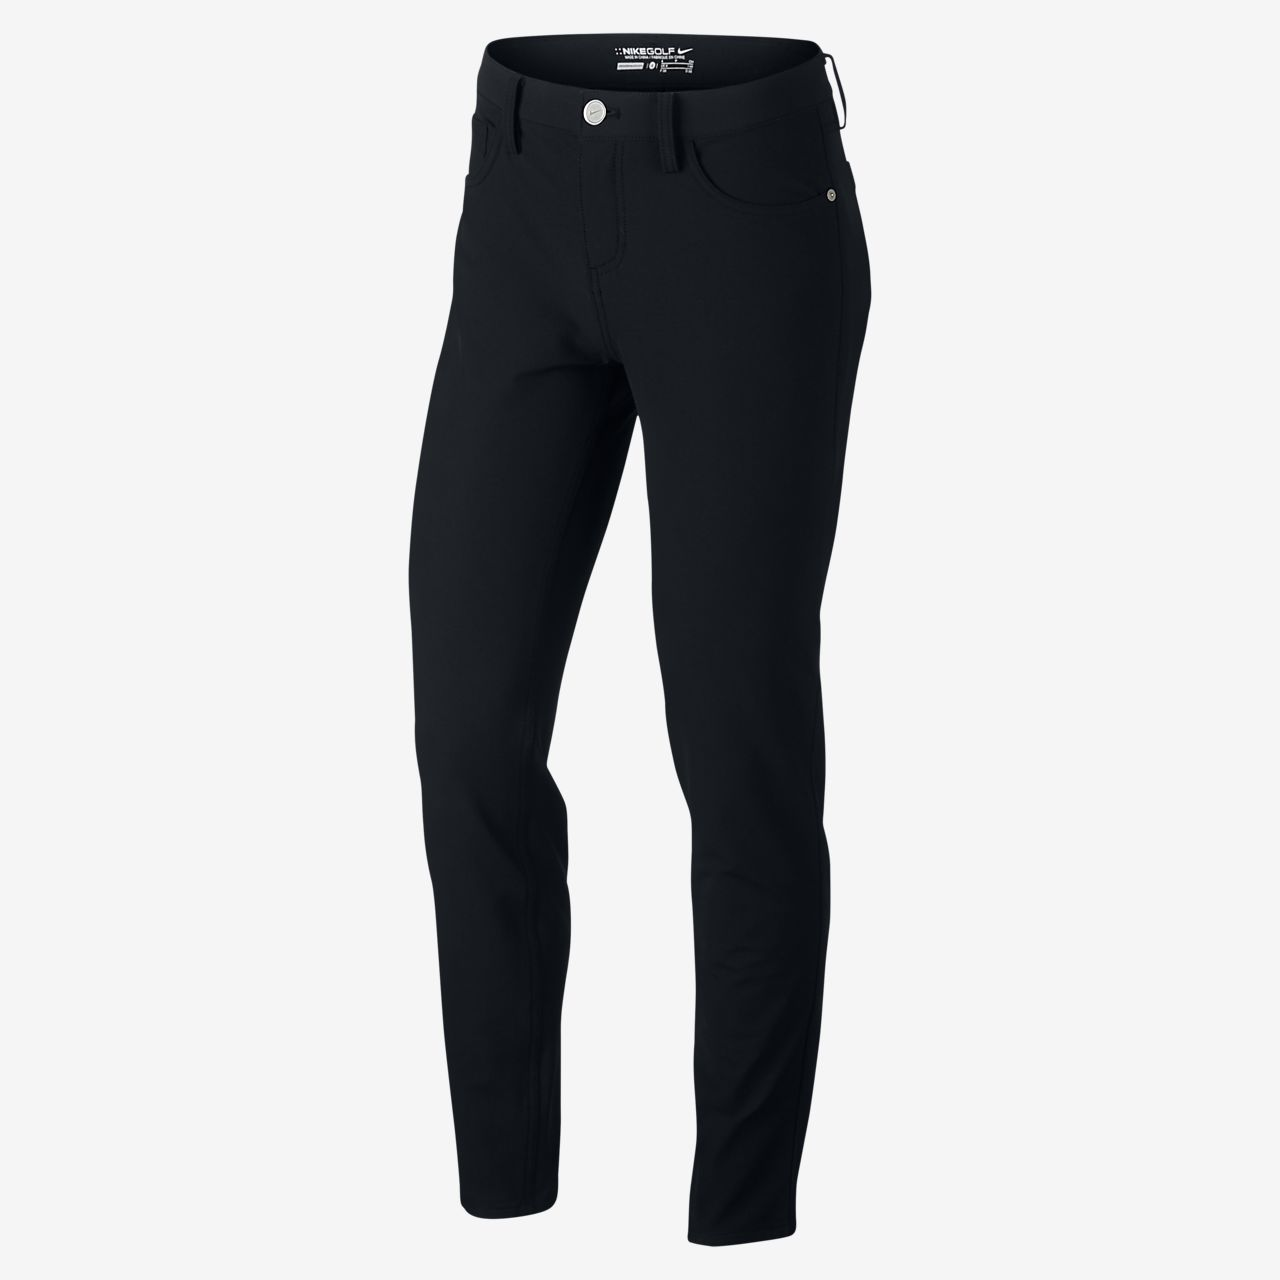 ... Pantalon de golf Nike Slim Fit pour Femme